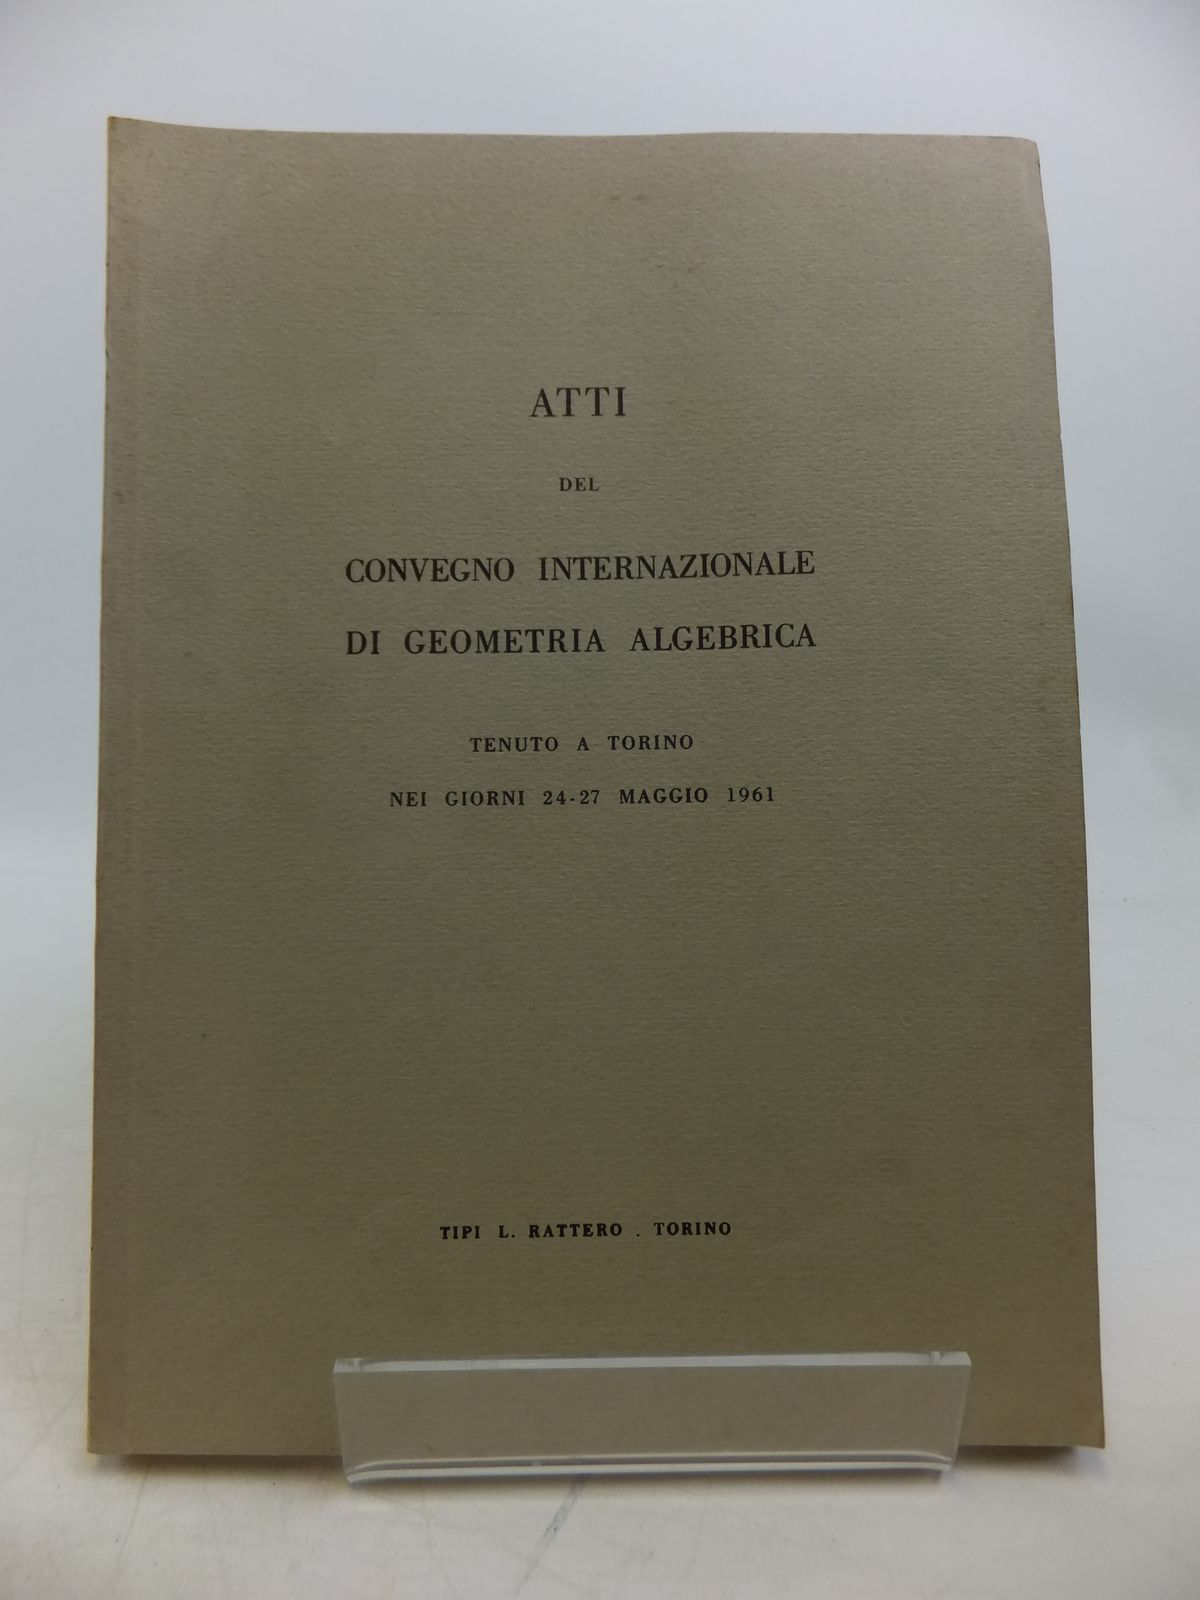 Photo of ATTI DEL CONVEGNO INTERNAZIONALE DI GEOMETRIA ALGEBRICA (STOCK CODE: 1811833)  for sale by Stella & Rose's Books